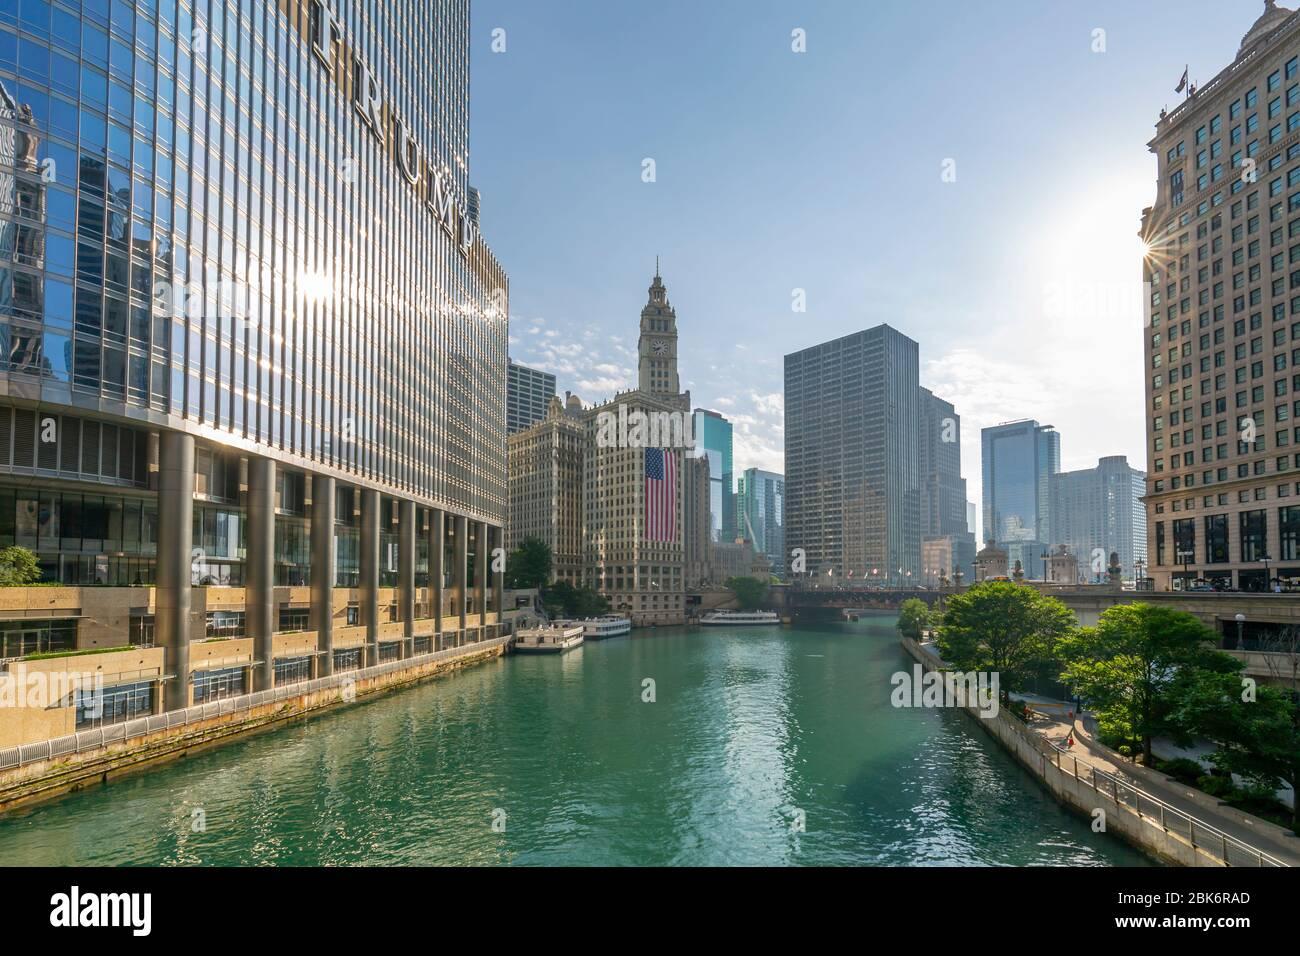 Vue sur le Wrigley Building et la rivière Chicago, Chicago, Illinois, États-Unis d'Amérique, Amérique du Nord Banque D'Images